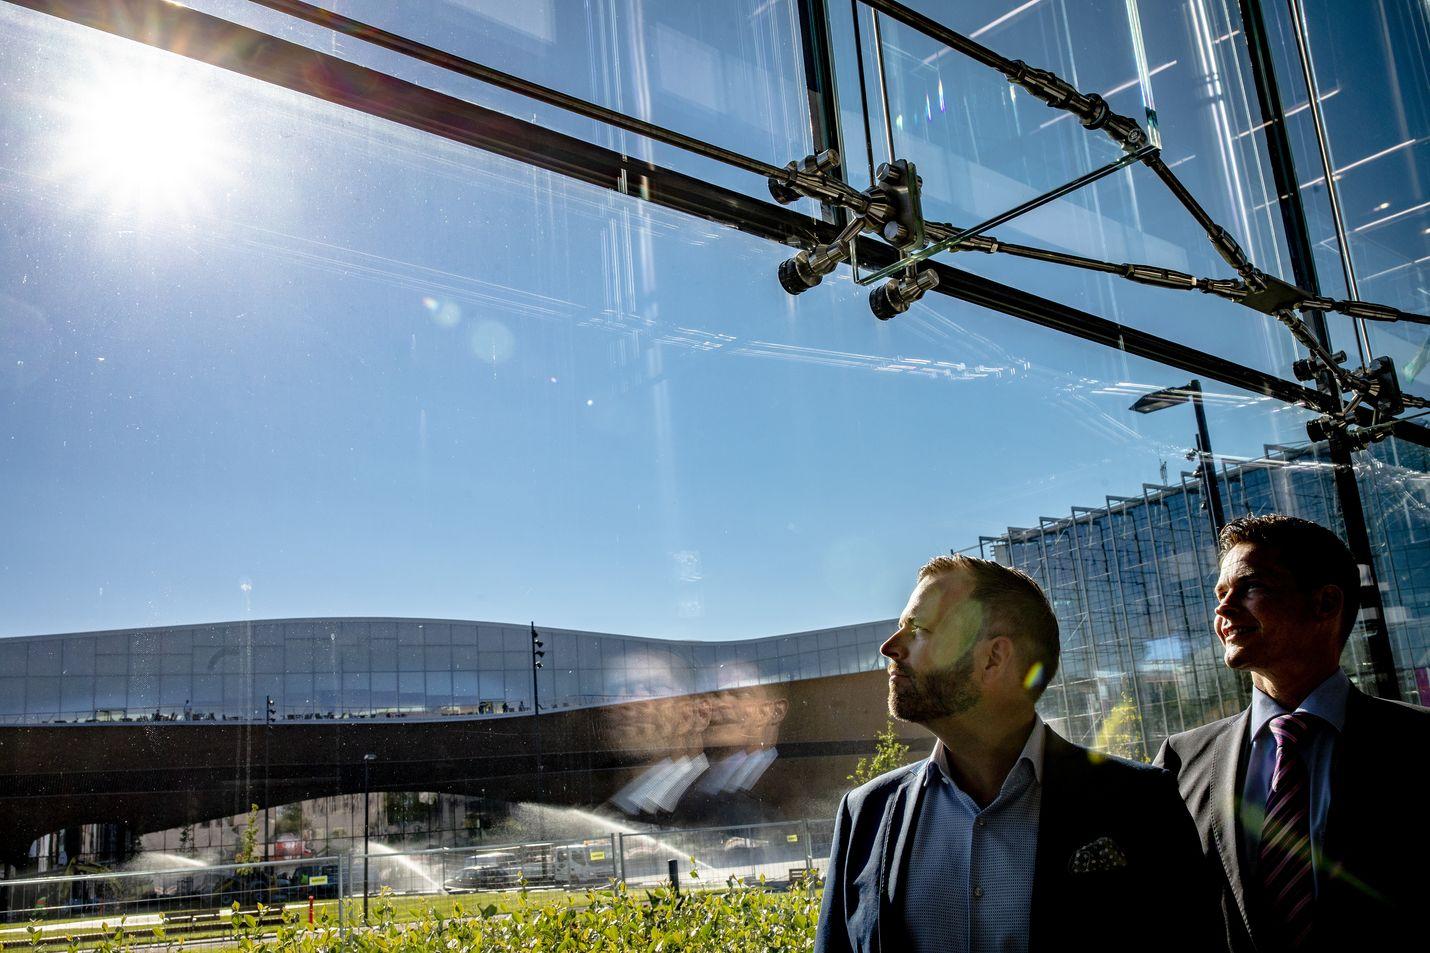 Tulevan hotellin johtaja Andreas Lindqvist (vas.) ja konseptin lanseeranneen SSA Groupin hallituksen puheenjohtaja Janne Riihimäki uskovat liikematkailijoiden ja yritysten tarpeet entistä paremmin huomioivalle konseptille olevan kysyntää.